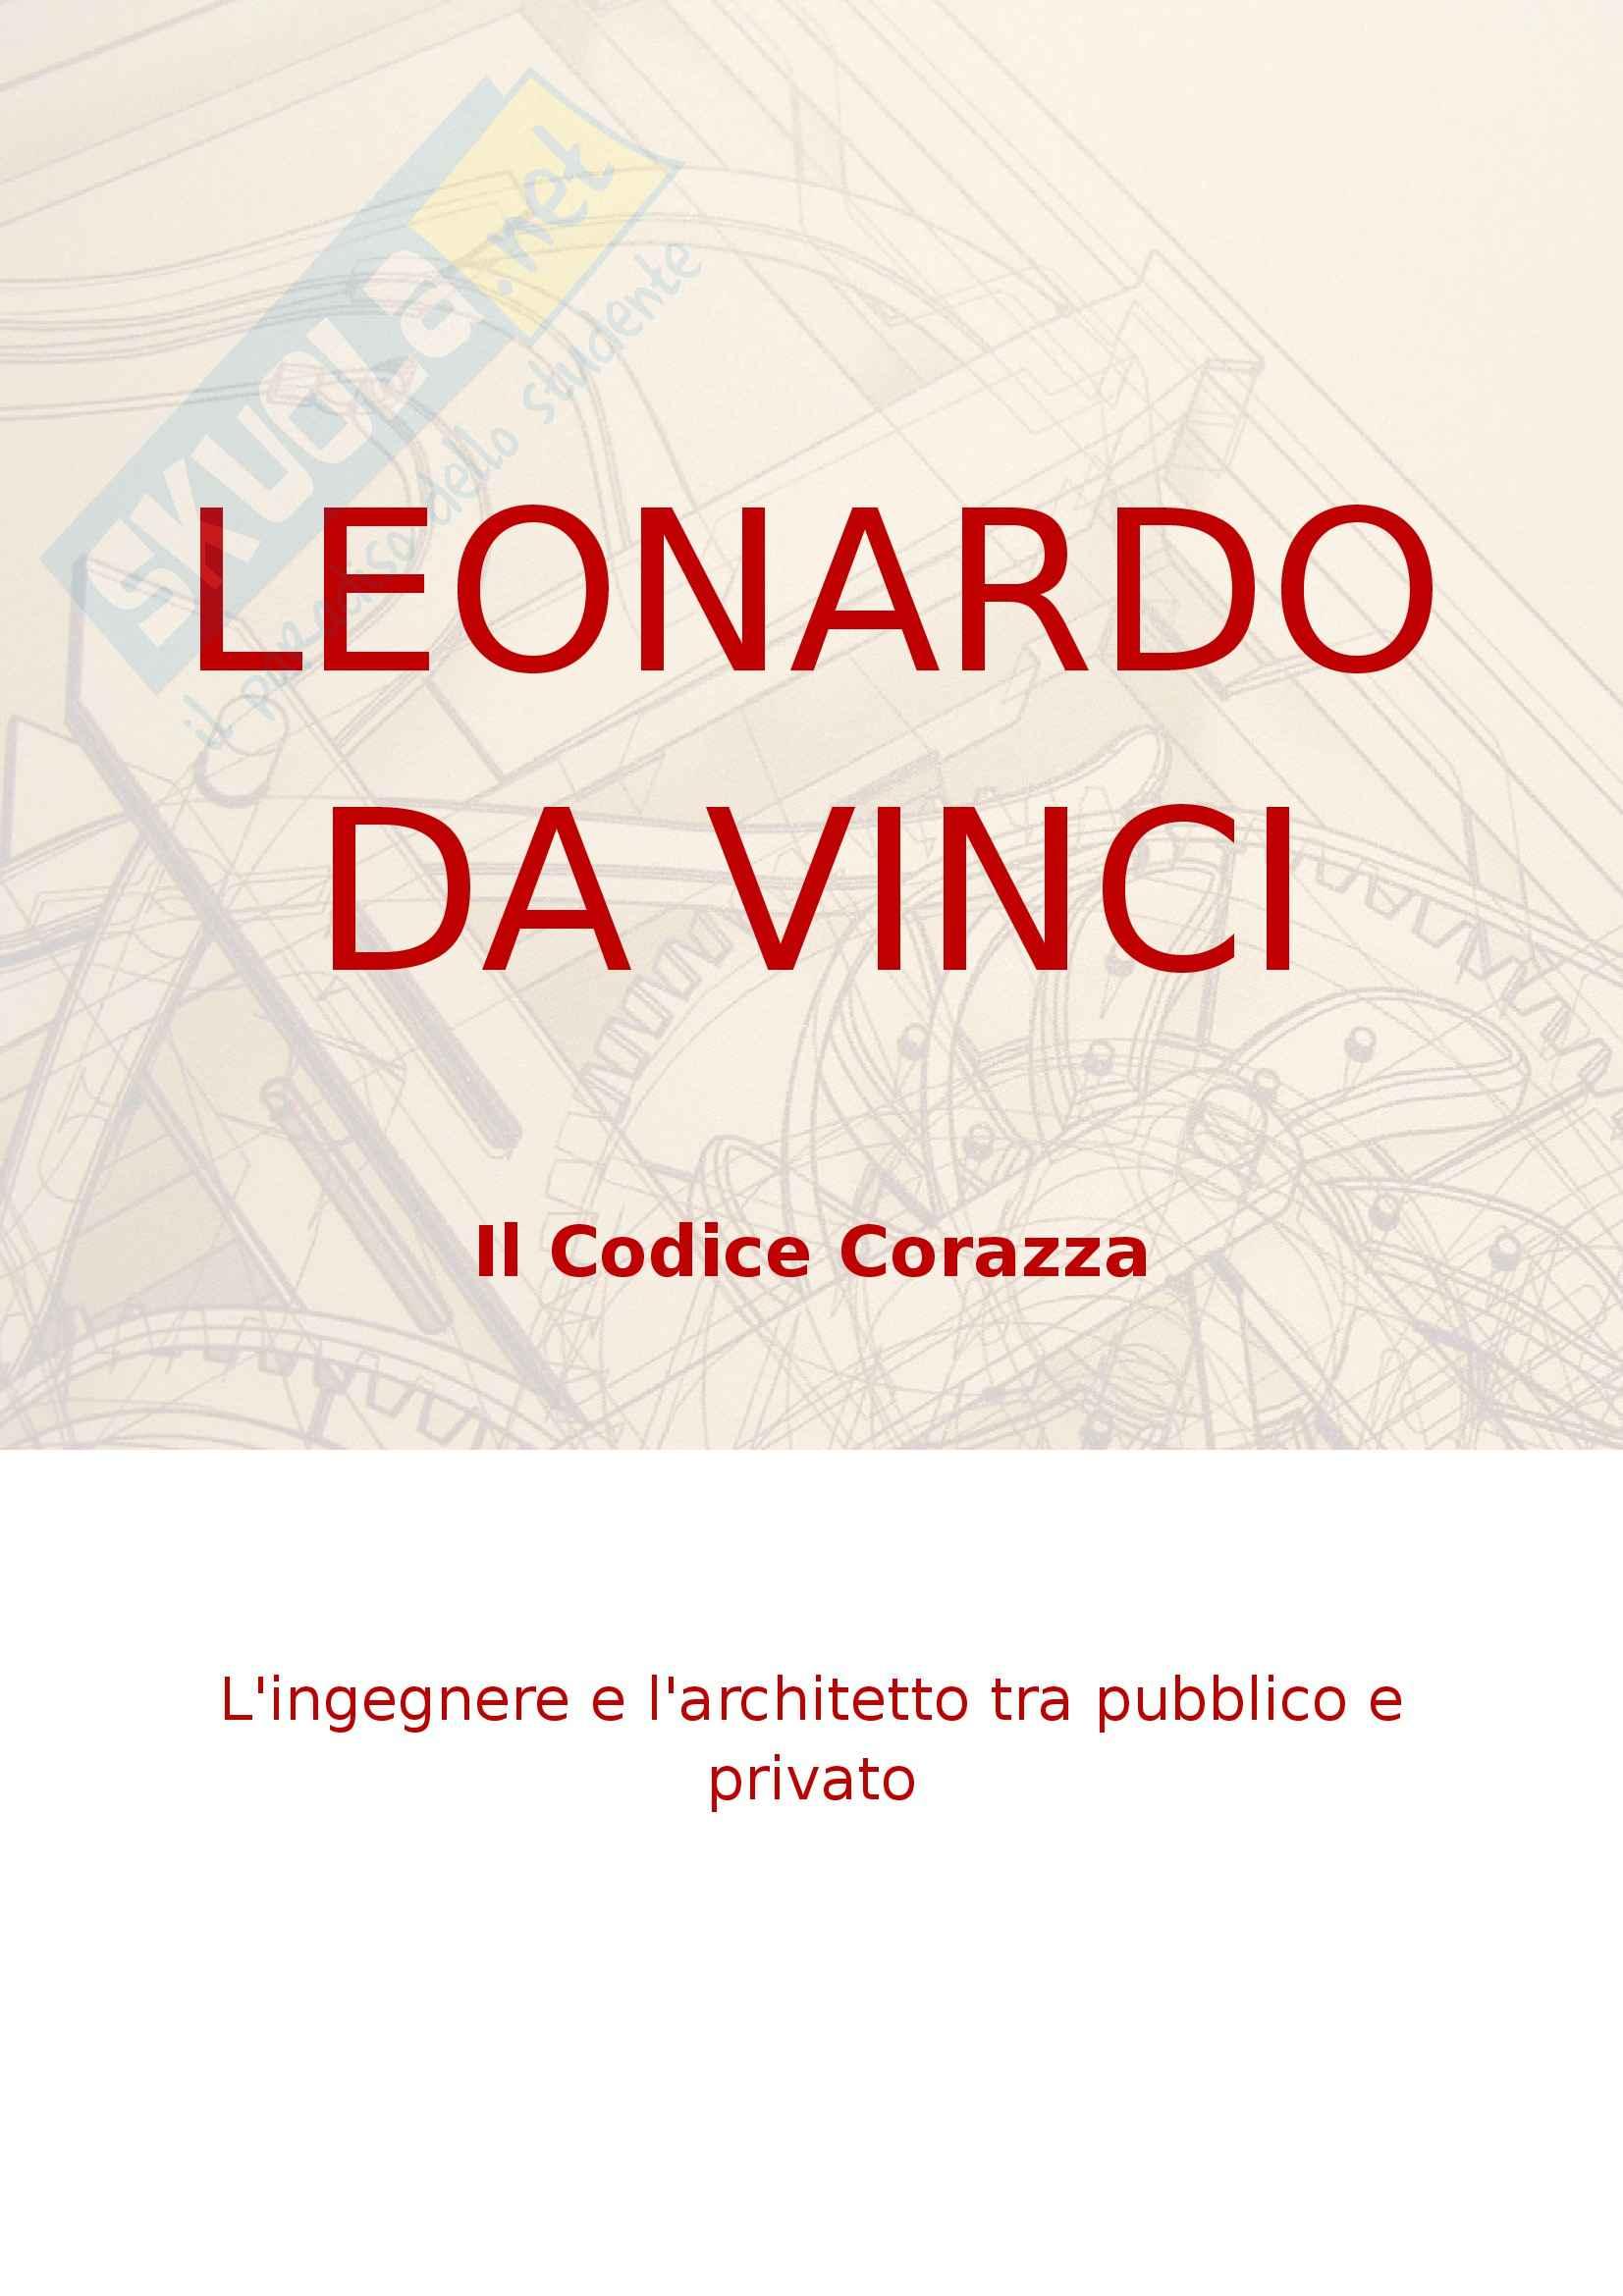 Codice Corazza - La differenza tra Architetto e Ingegnere